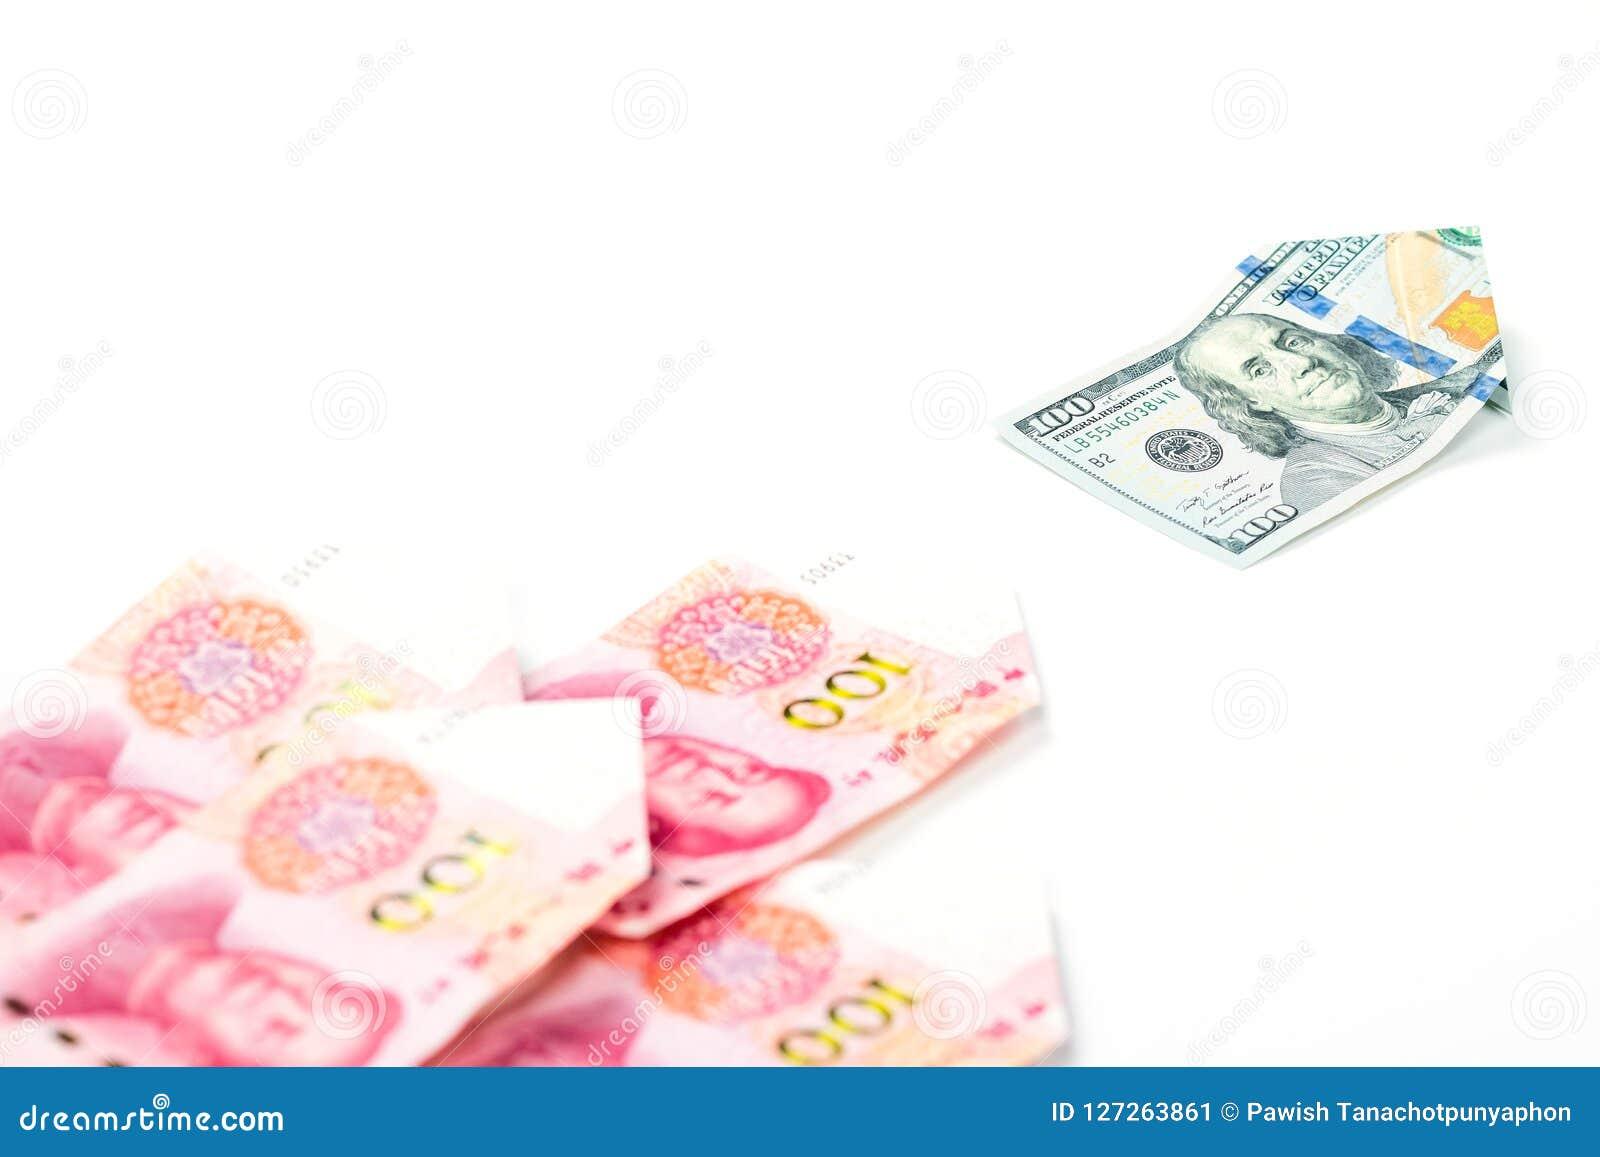 Liderança e conceito diferente com qui principal da nota de dólar dos E.U.